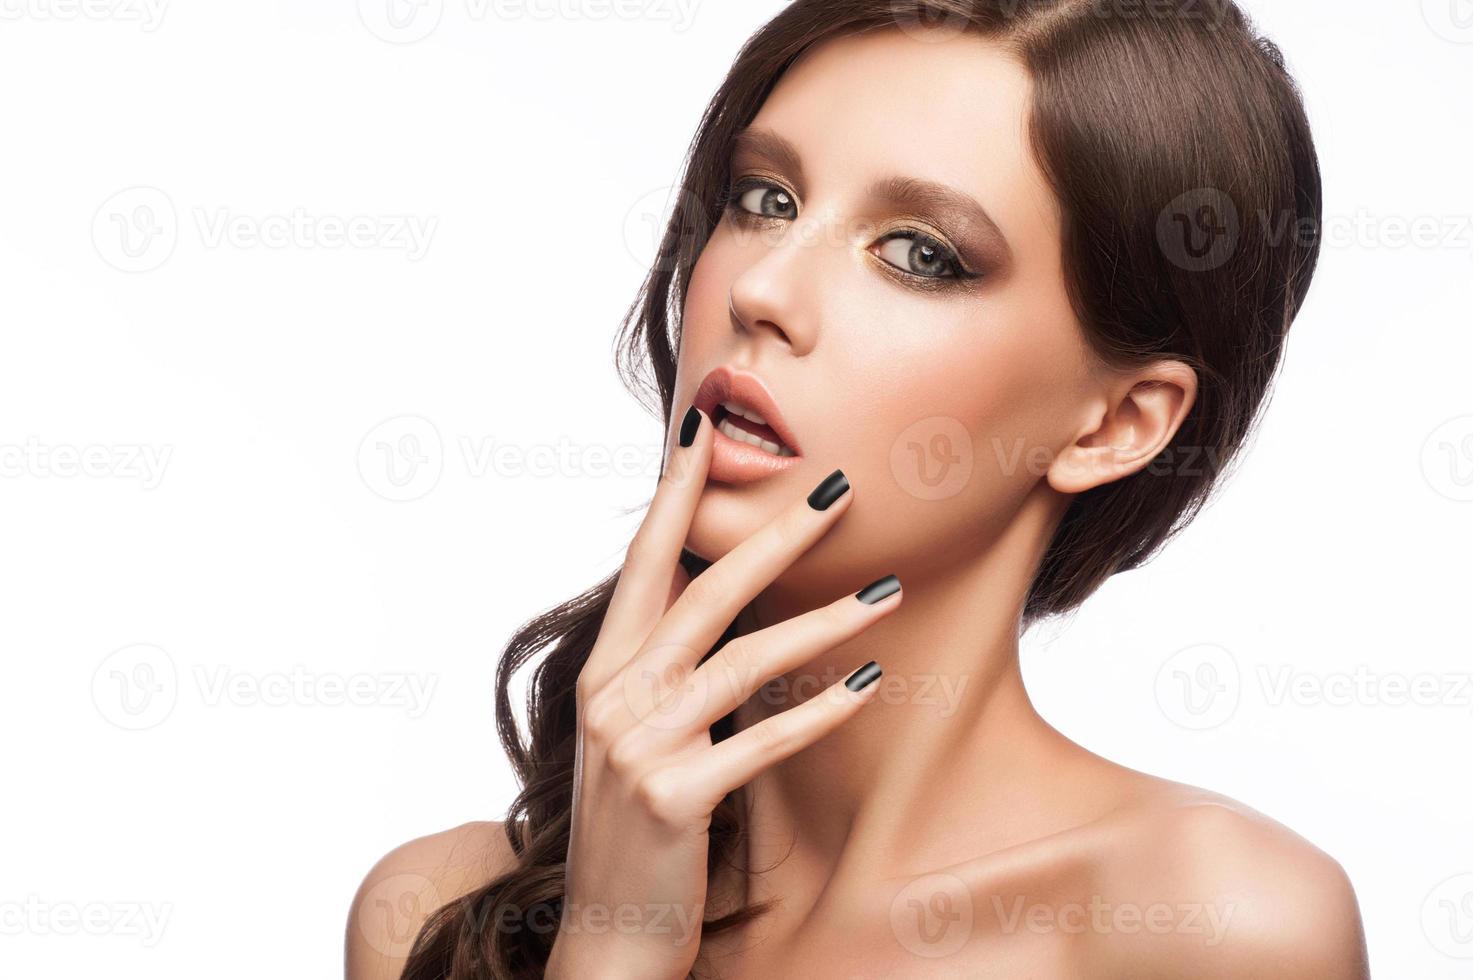 mulher com manicure foto